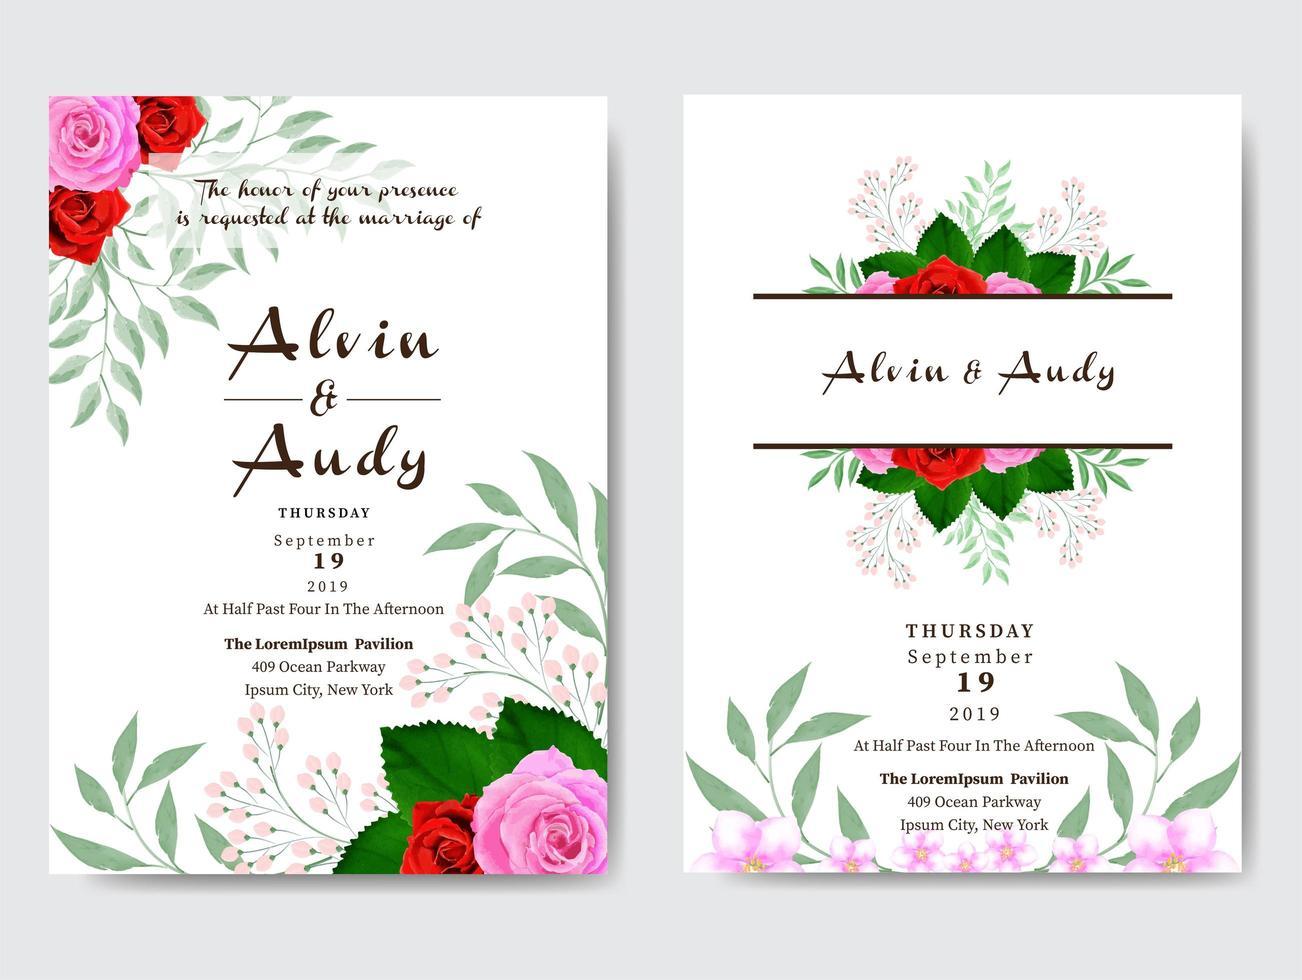 carte d'invitation de mariage aquarelle rose frontière vecteur